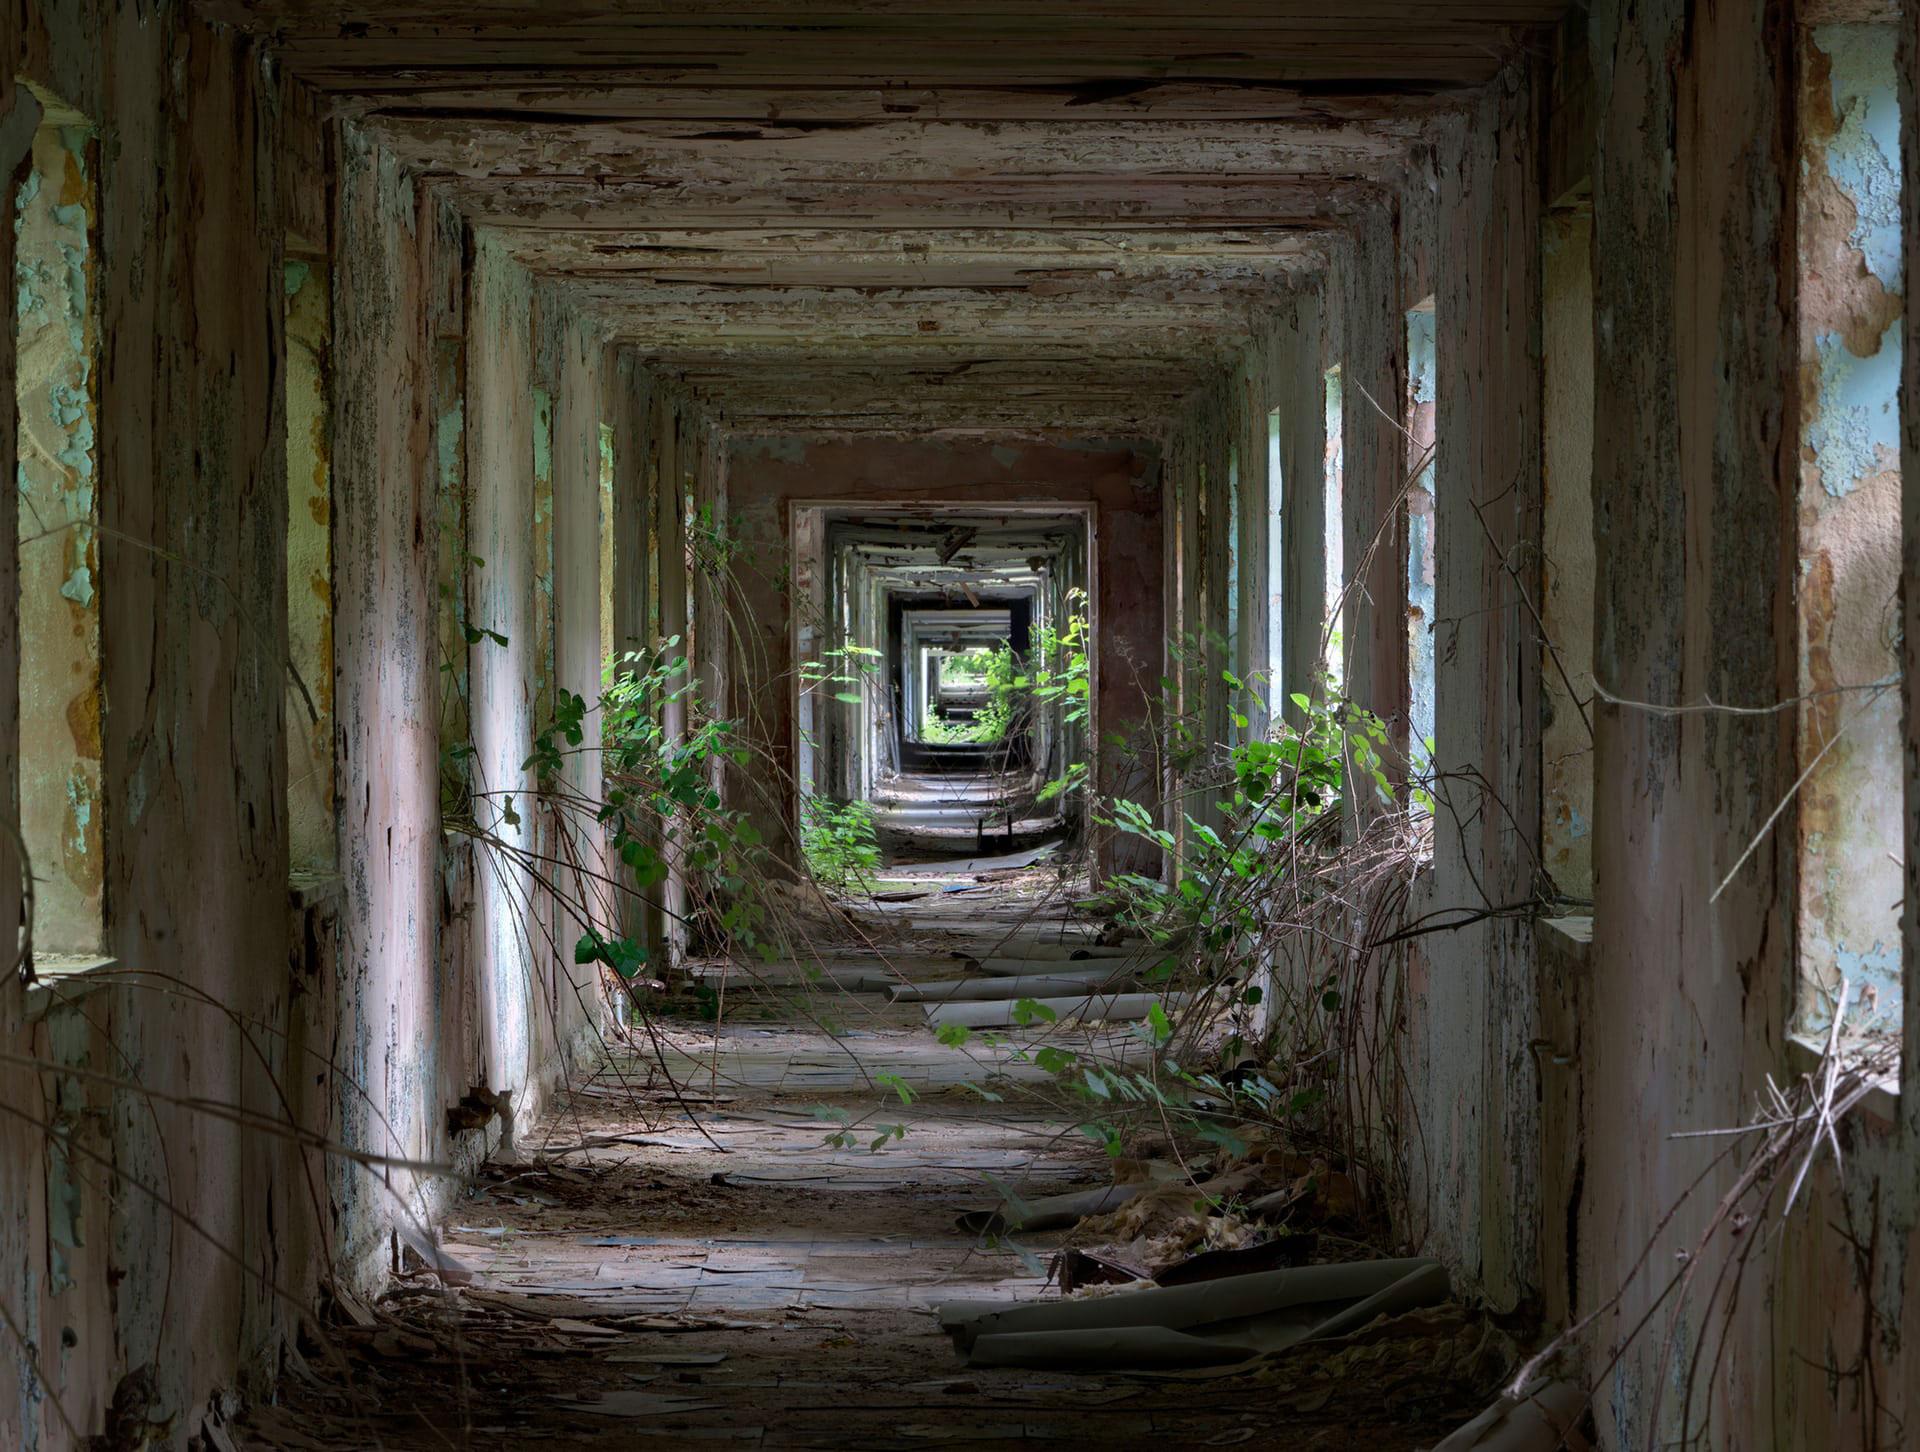 Nocton Hall Military Hospital por Matt Emmett, la fotografía ganadora